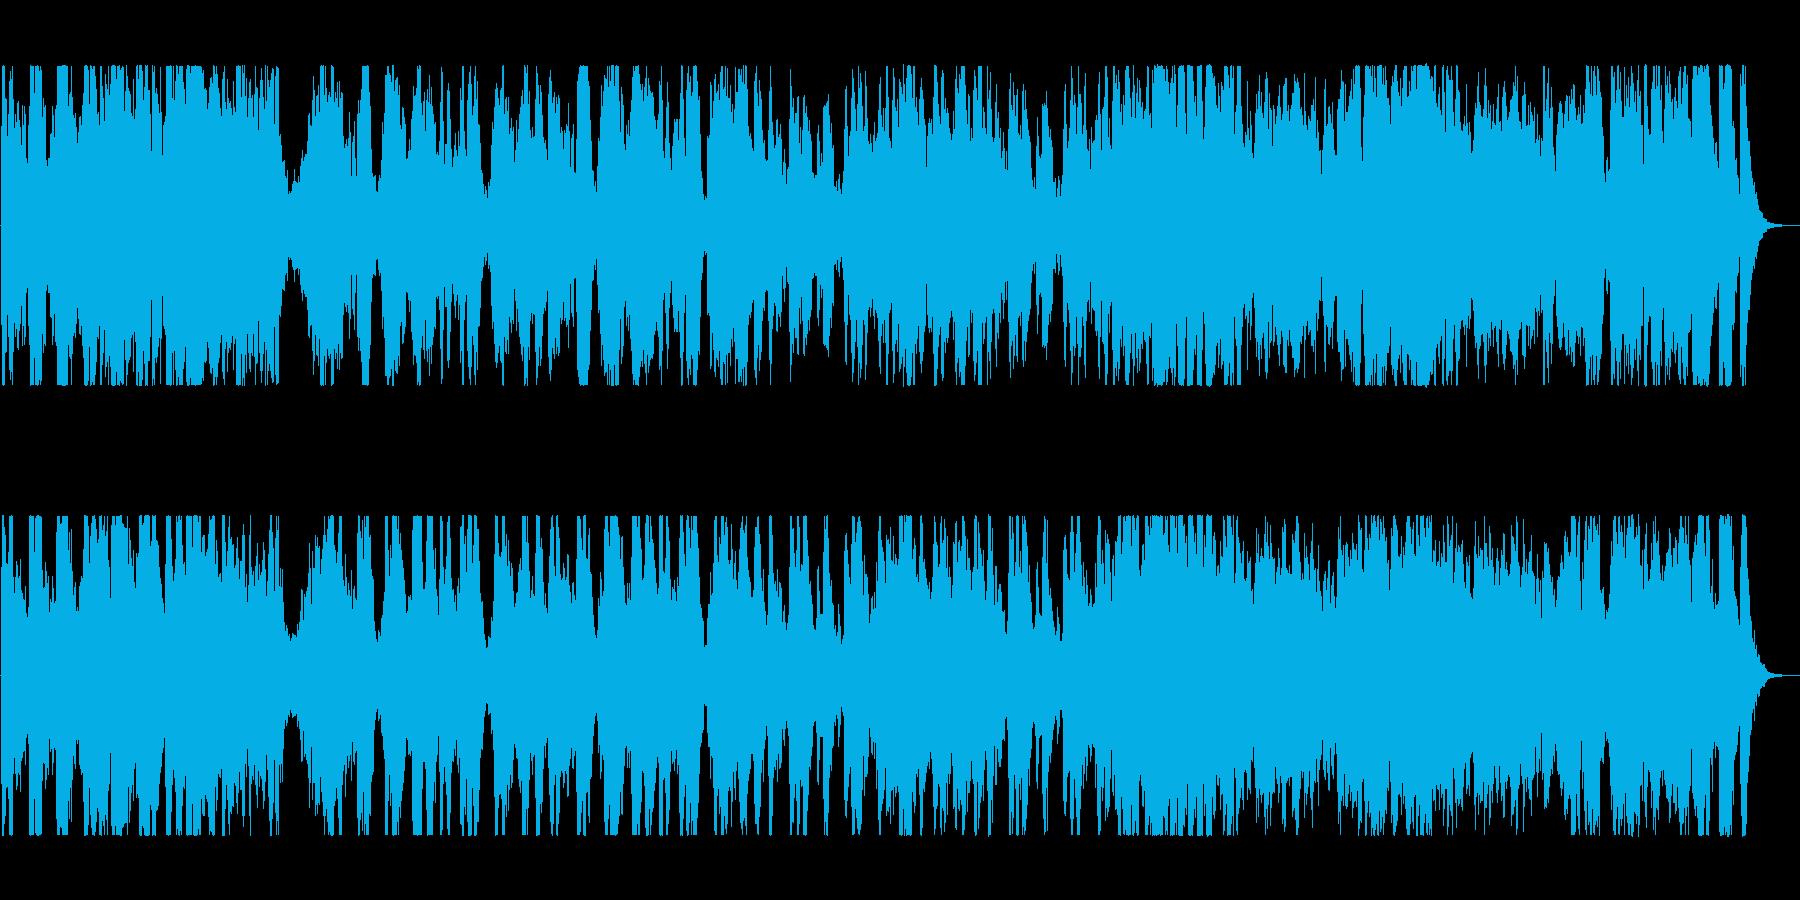 管楽器のメロディーが心地よい行進曲の再生済みの波形